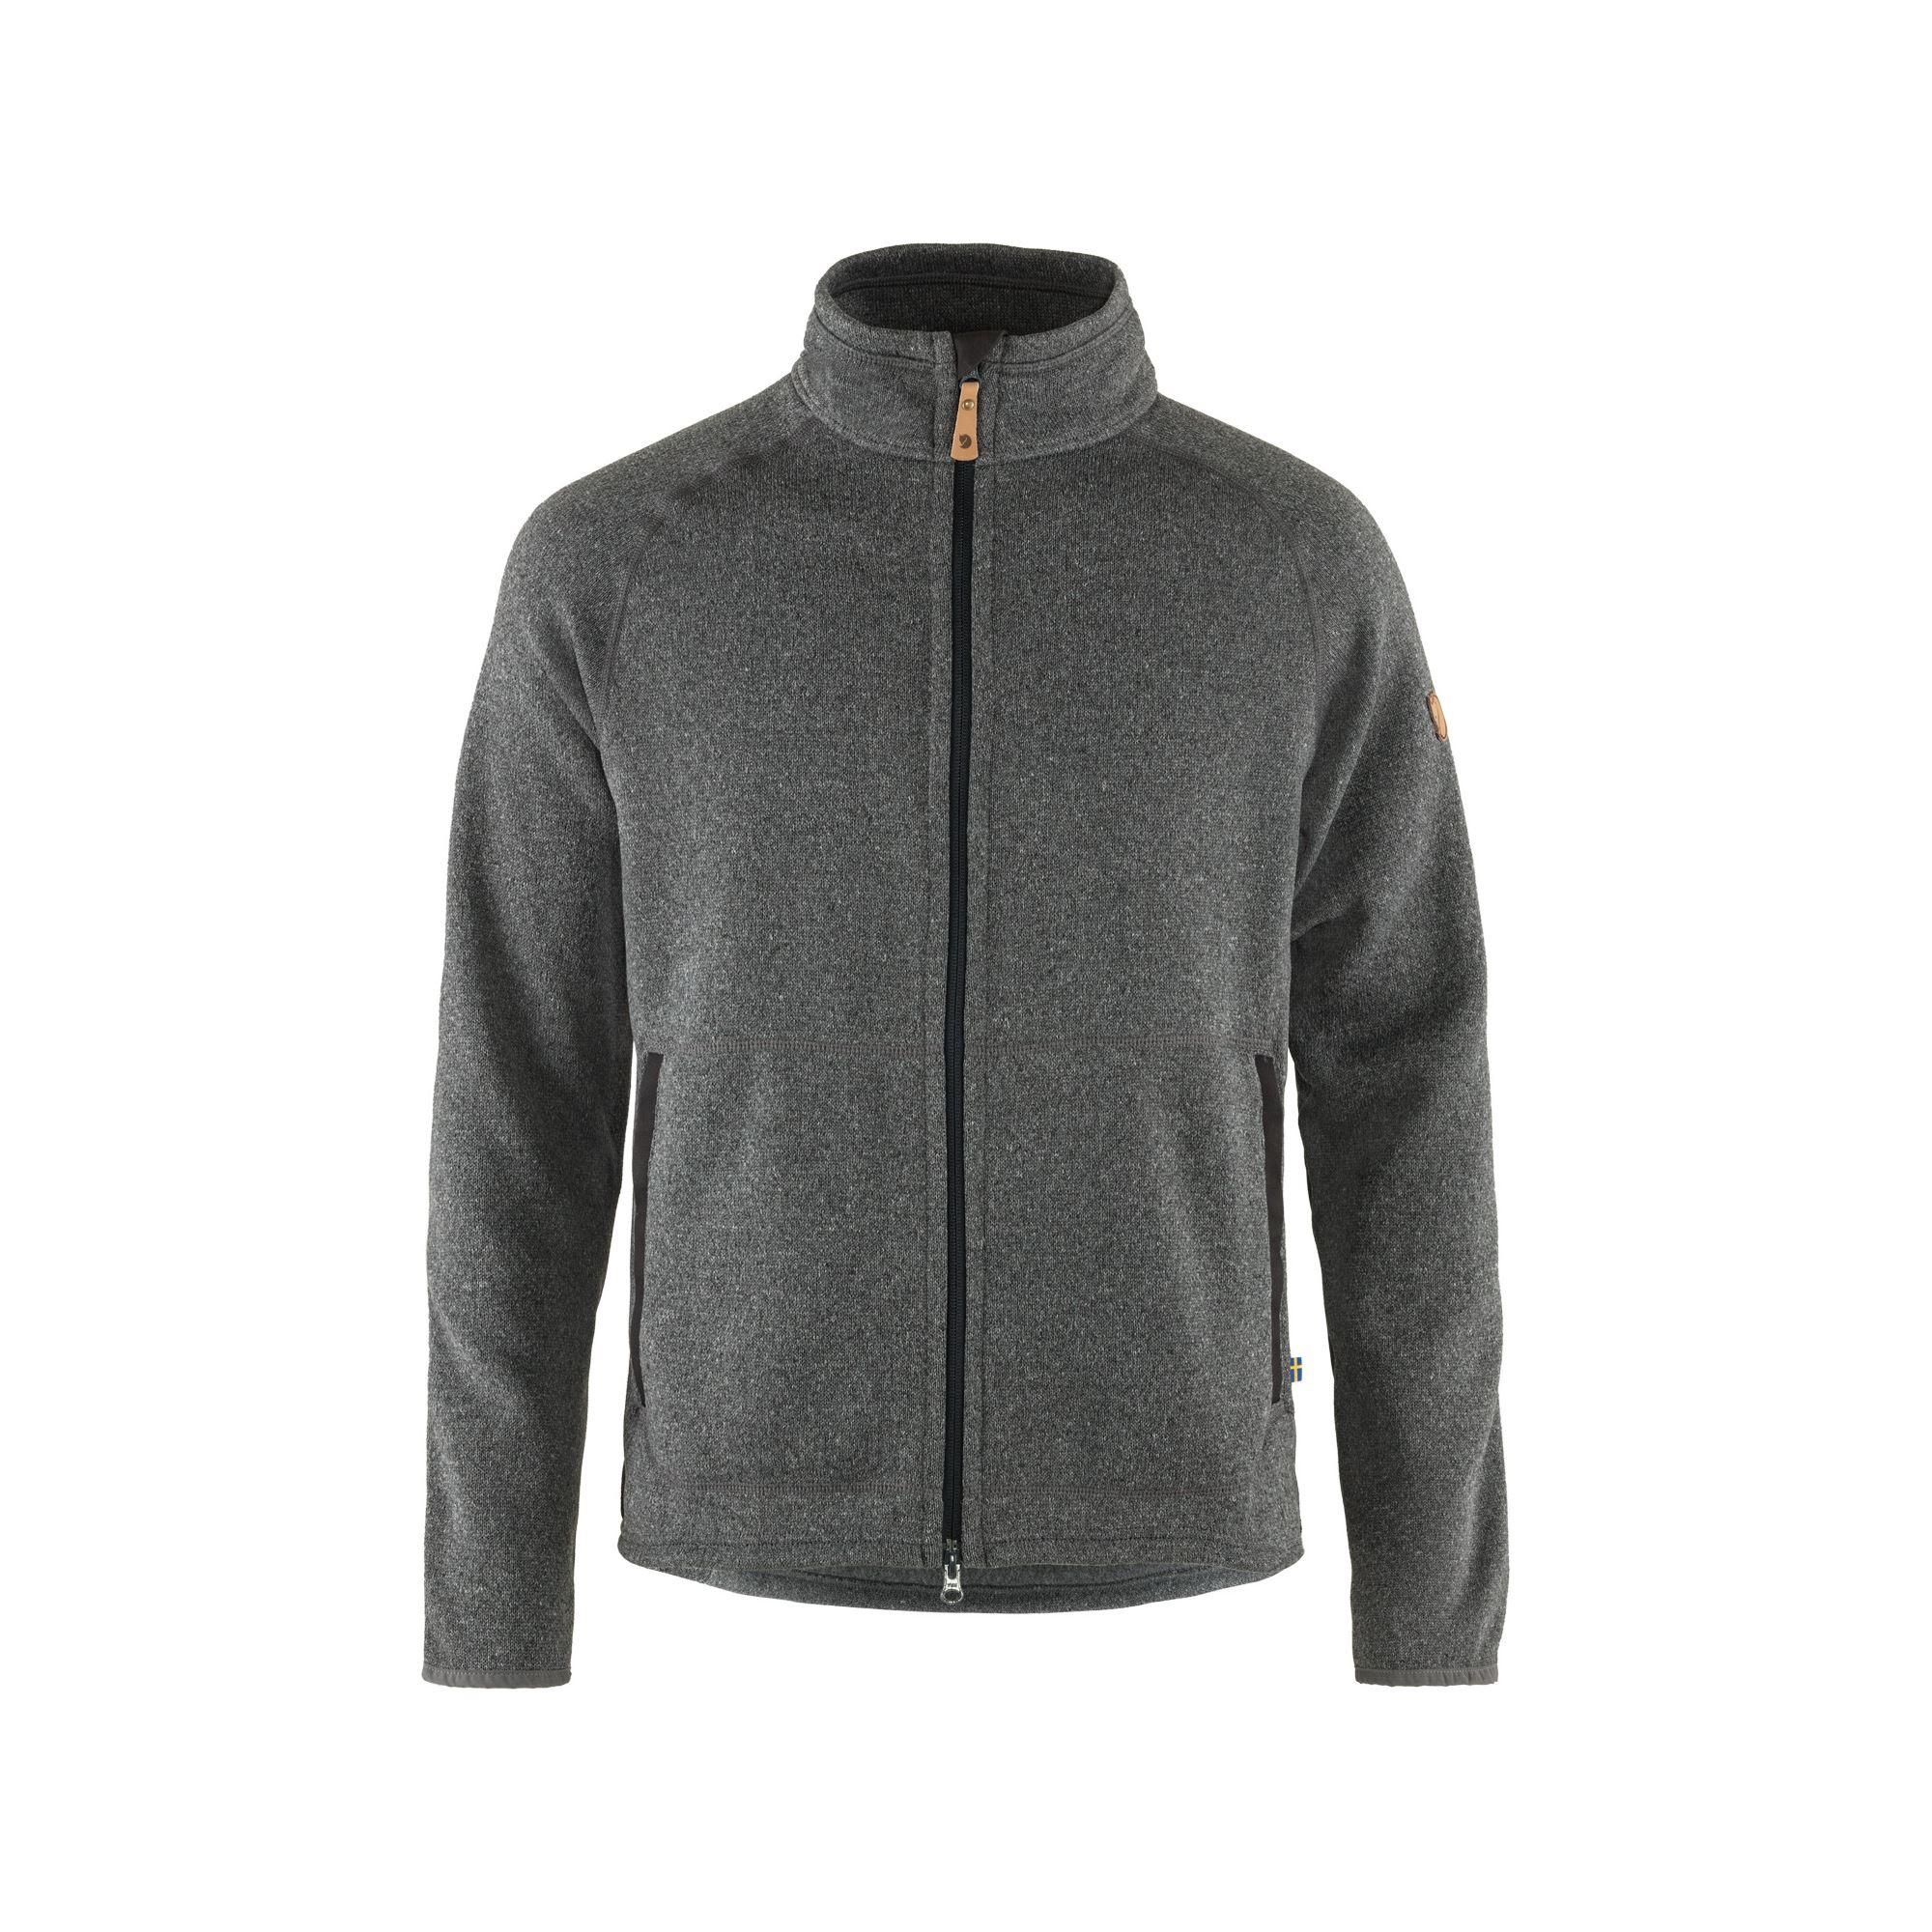 Fjällräven Övik Fleece Zip sweatshirt